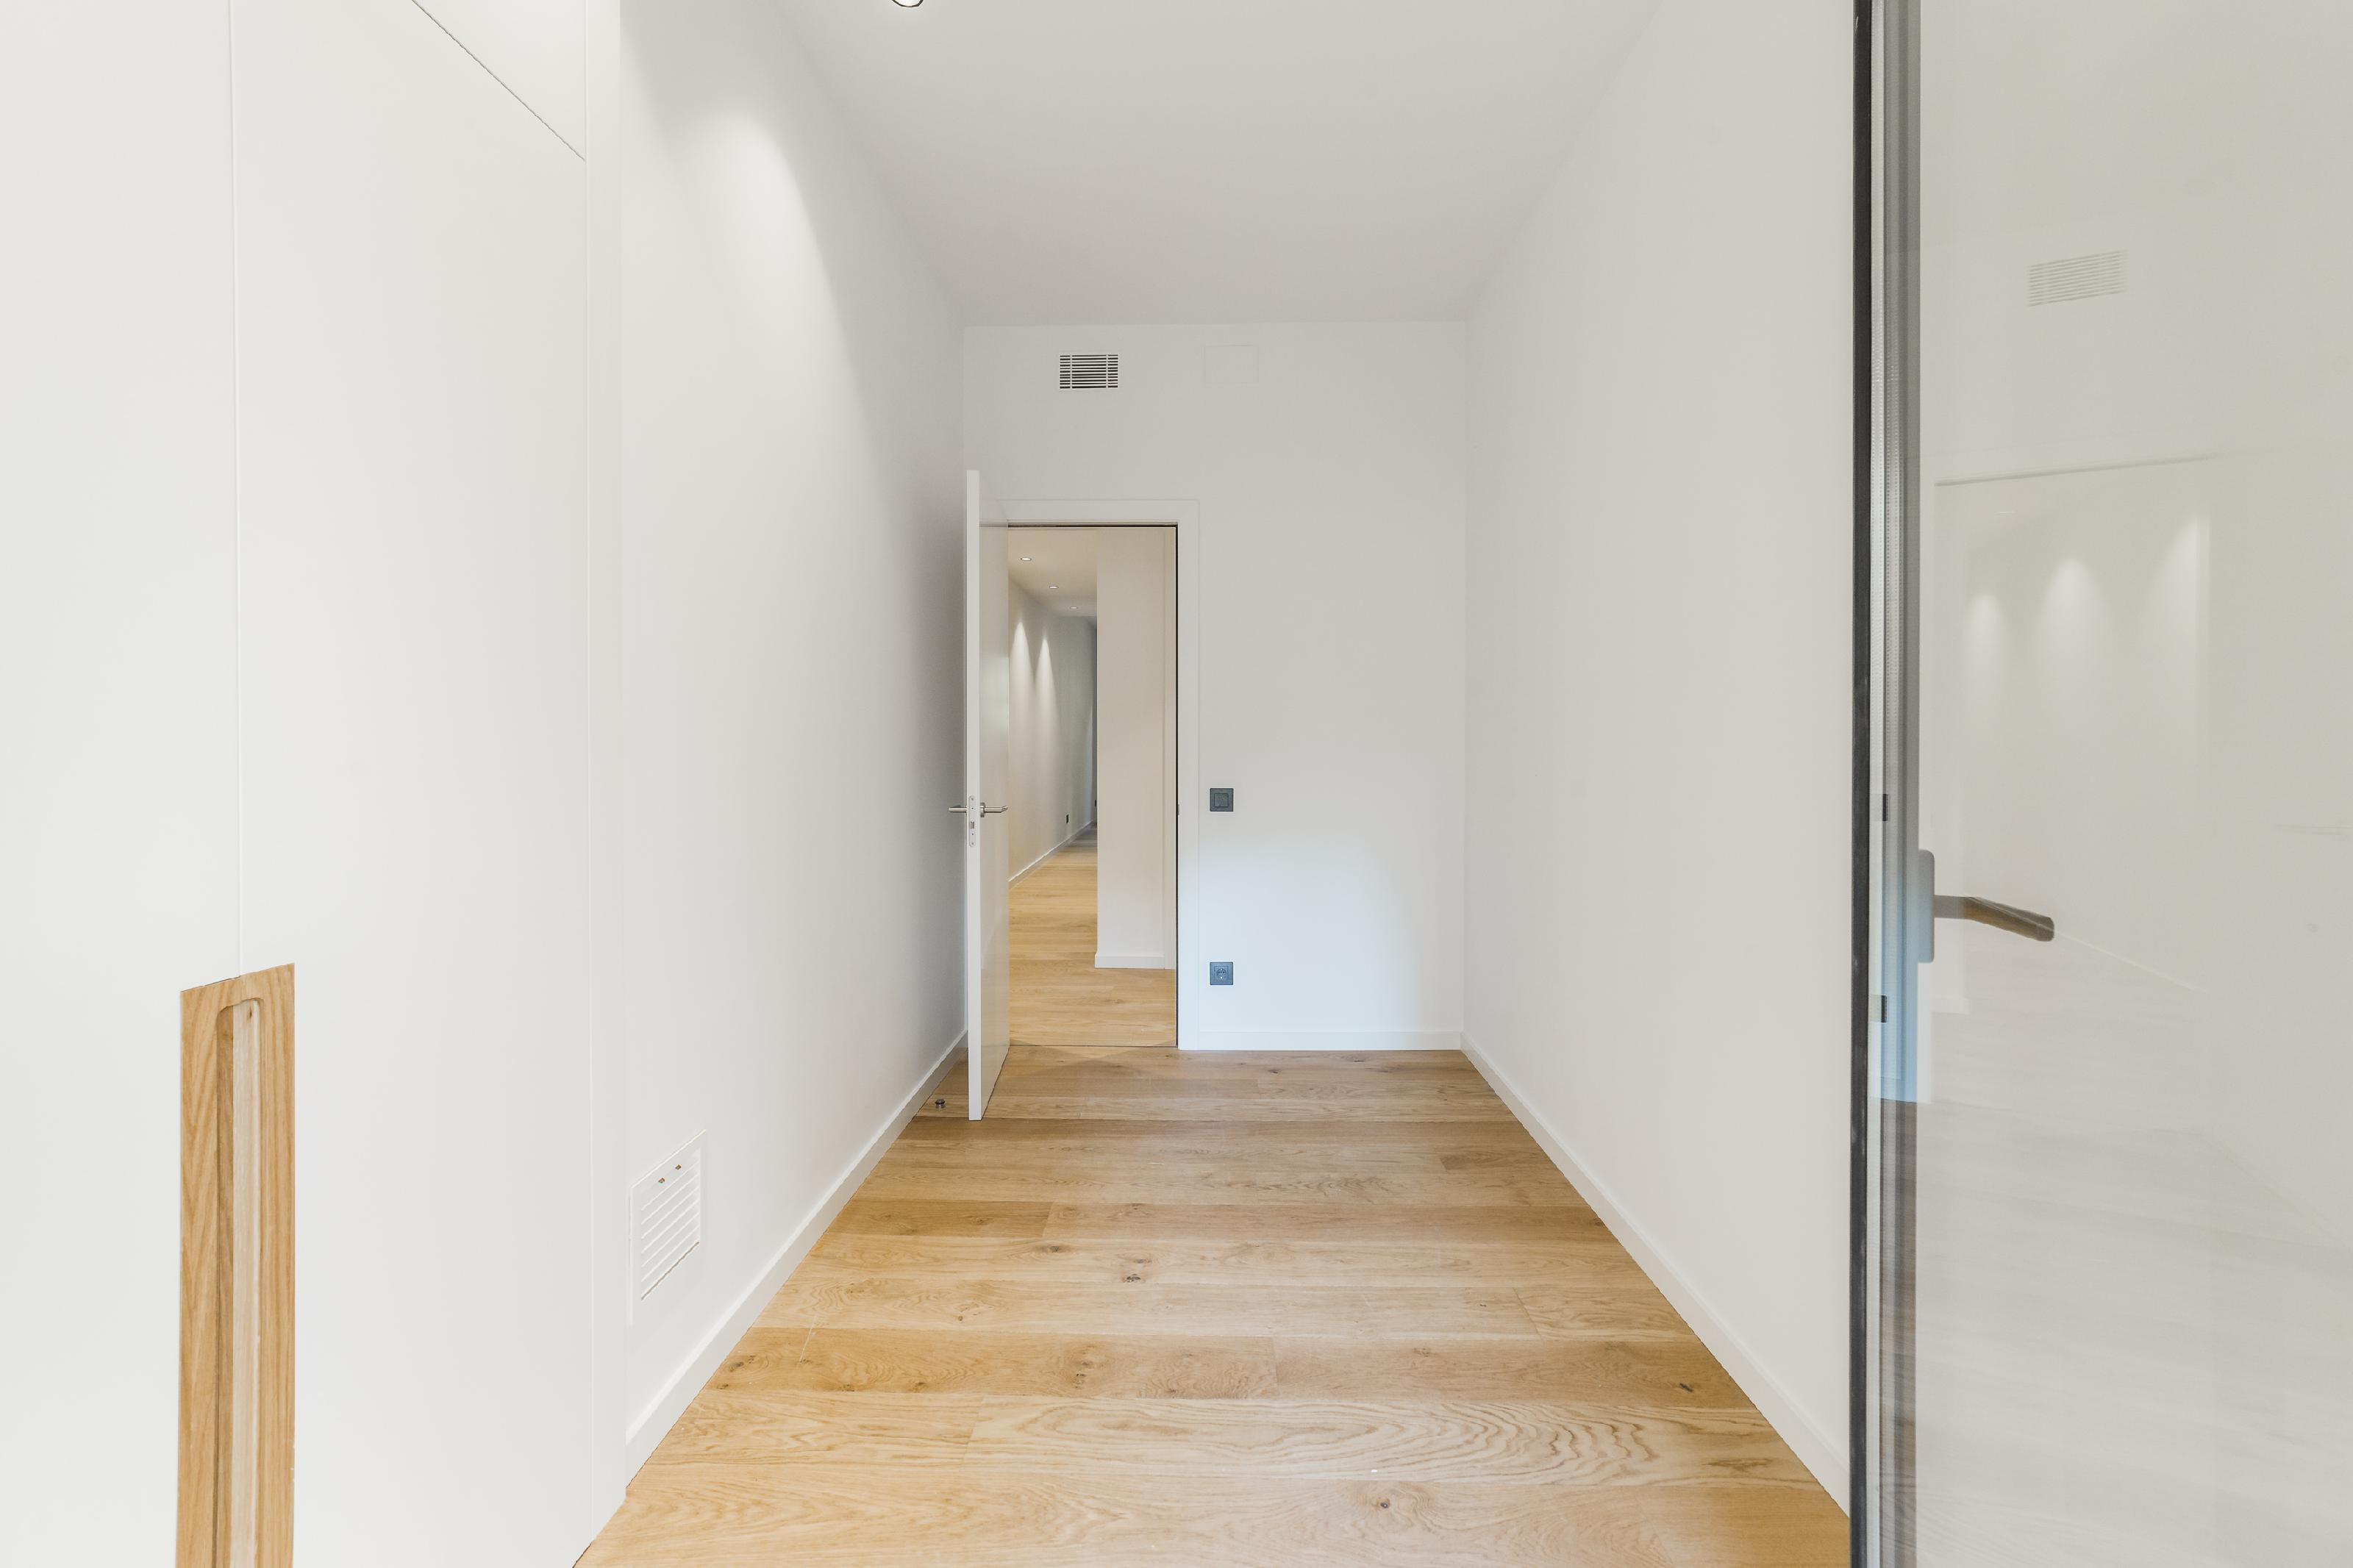 251949 Apartment for sale in Eixample, Antiga Esquerre Eixample 20